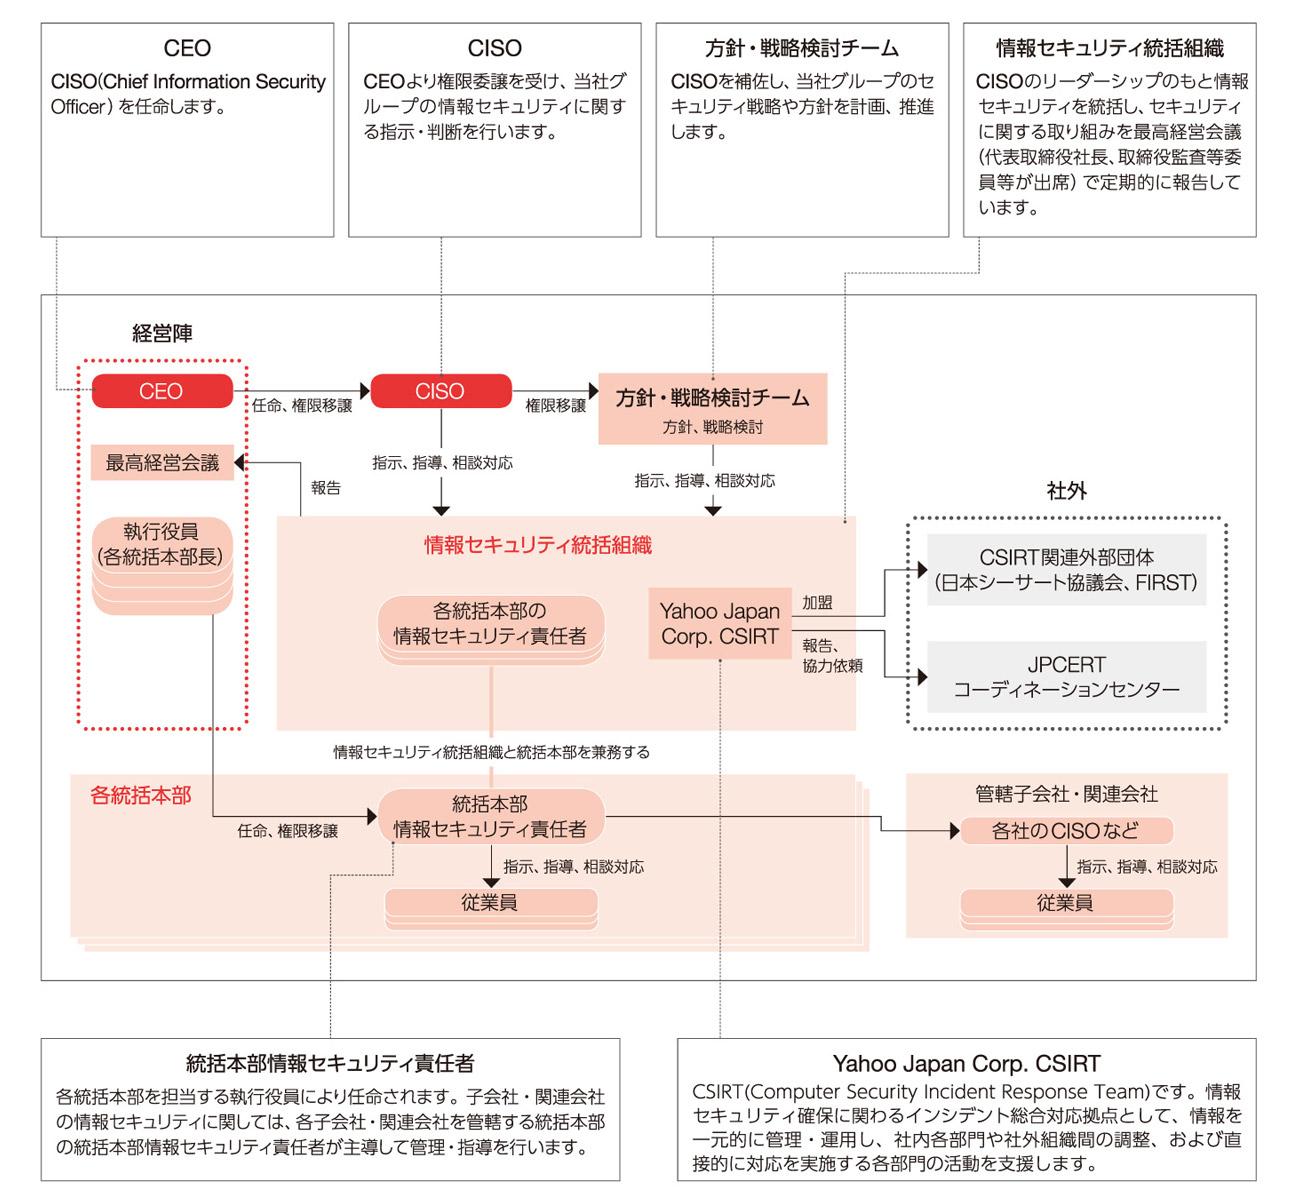 情報セキュリティマネジメント体制図